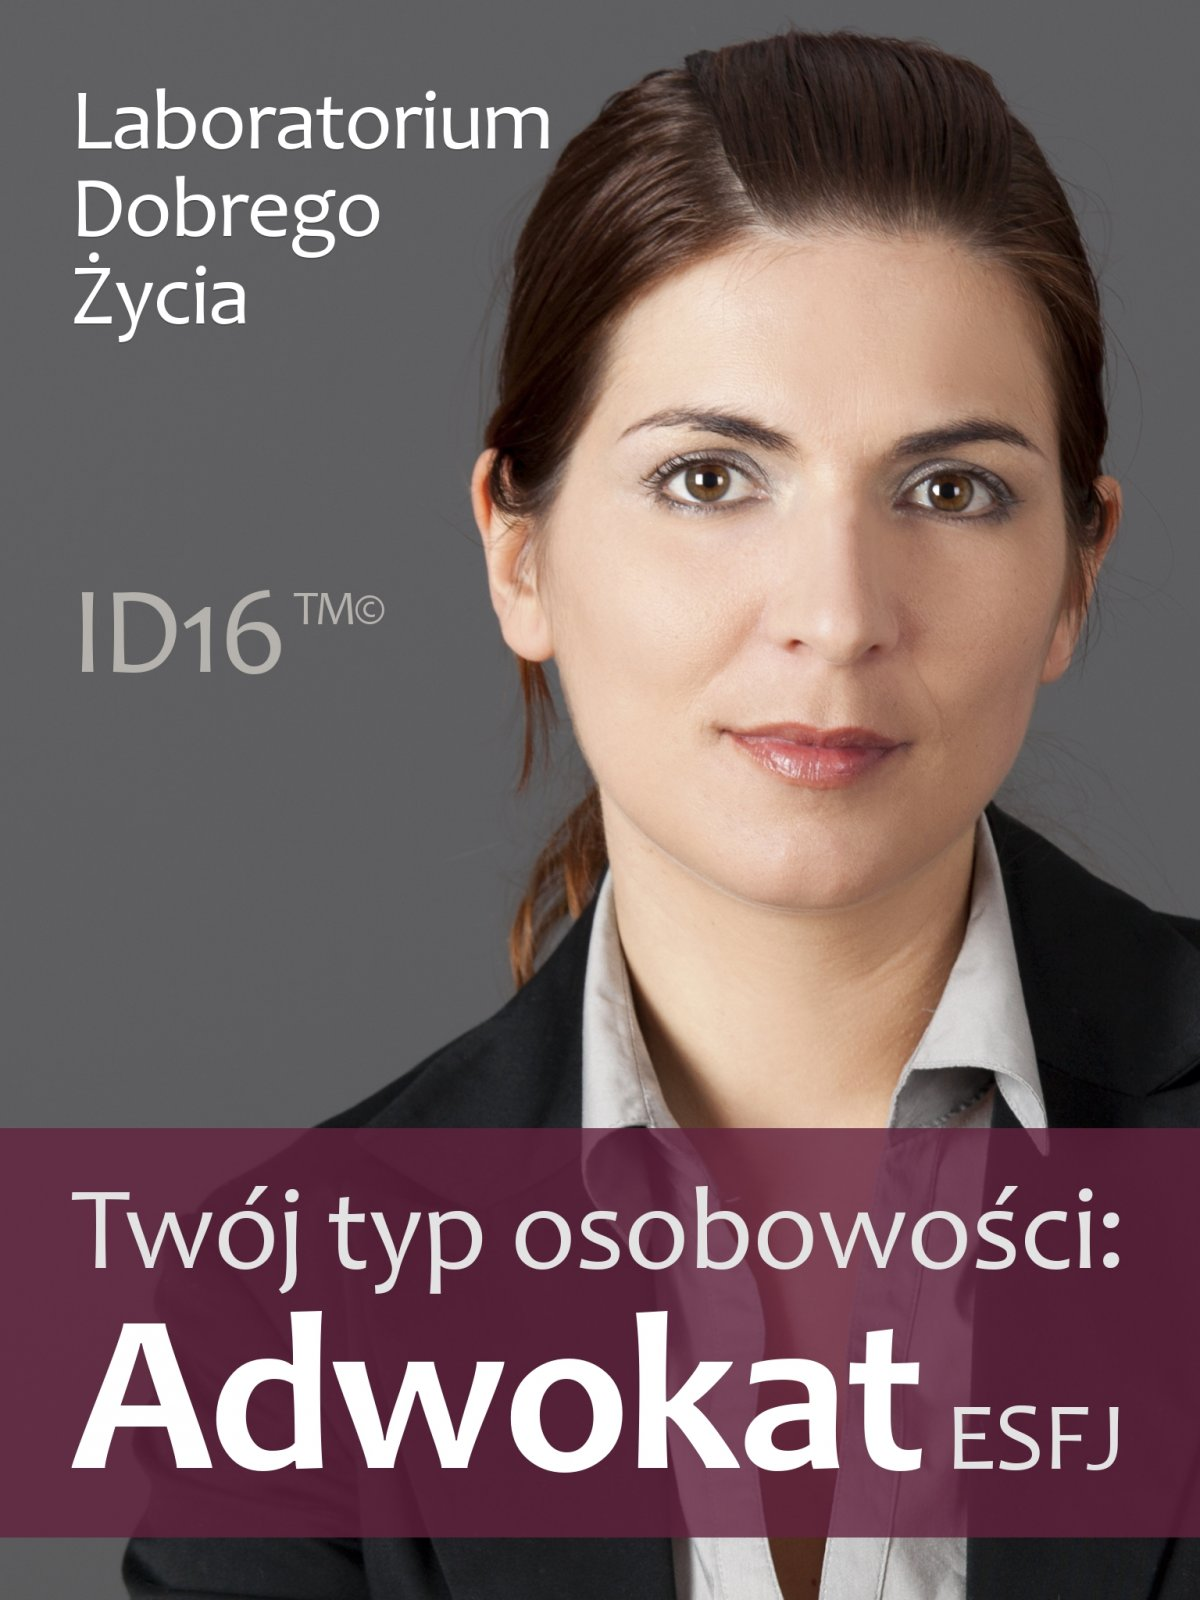 Twój typ osobowości: Adwokat (ESFJ) - Ebook (Książka EPUB) do pobrania w formacie EPUB